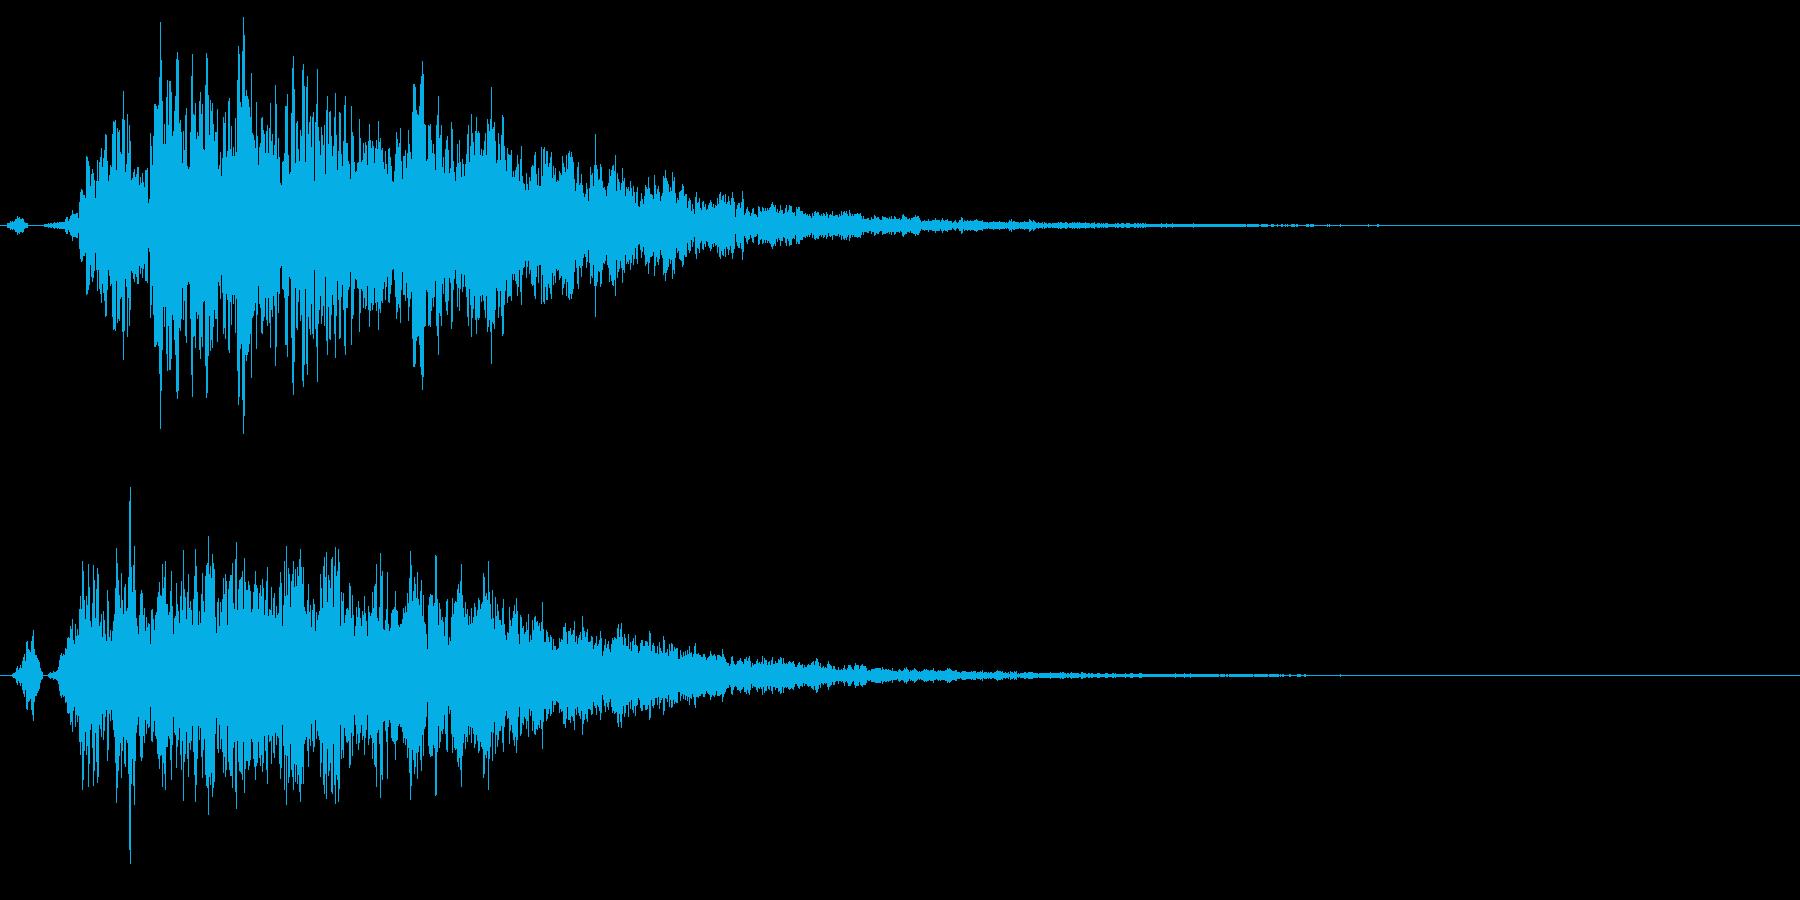 霊の気配 奇怪な音 恐怖演出 怖い音の再生済みの波形